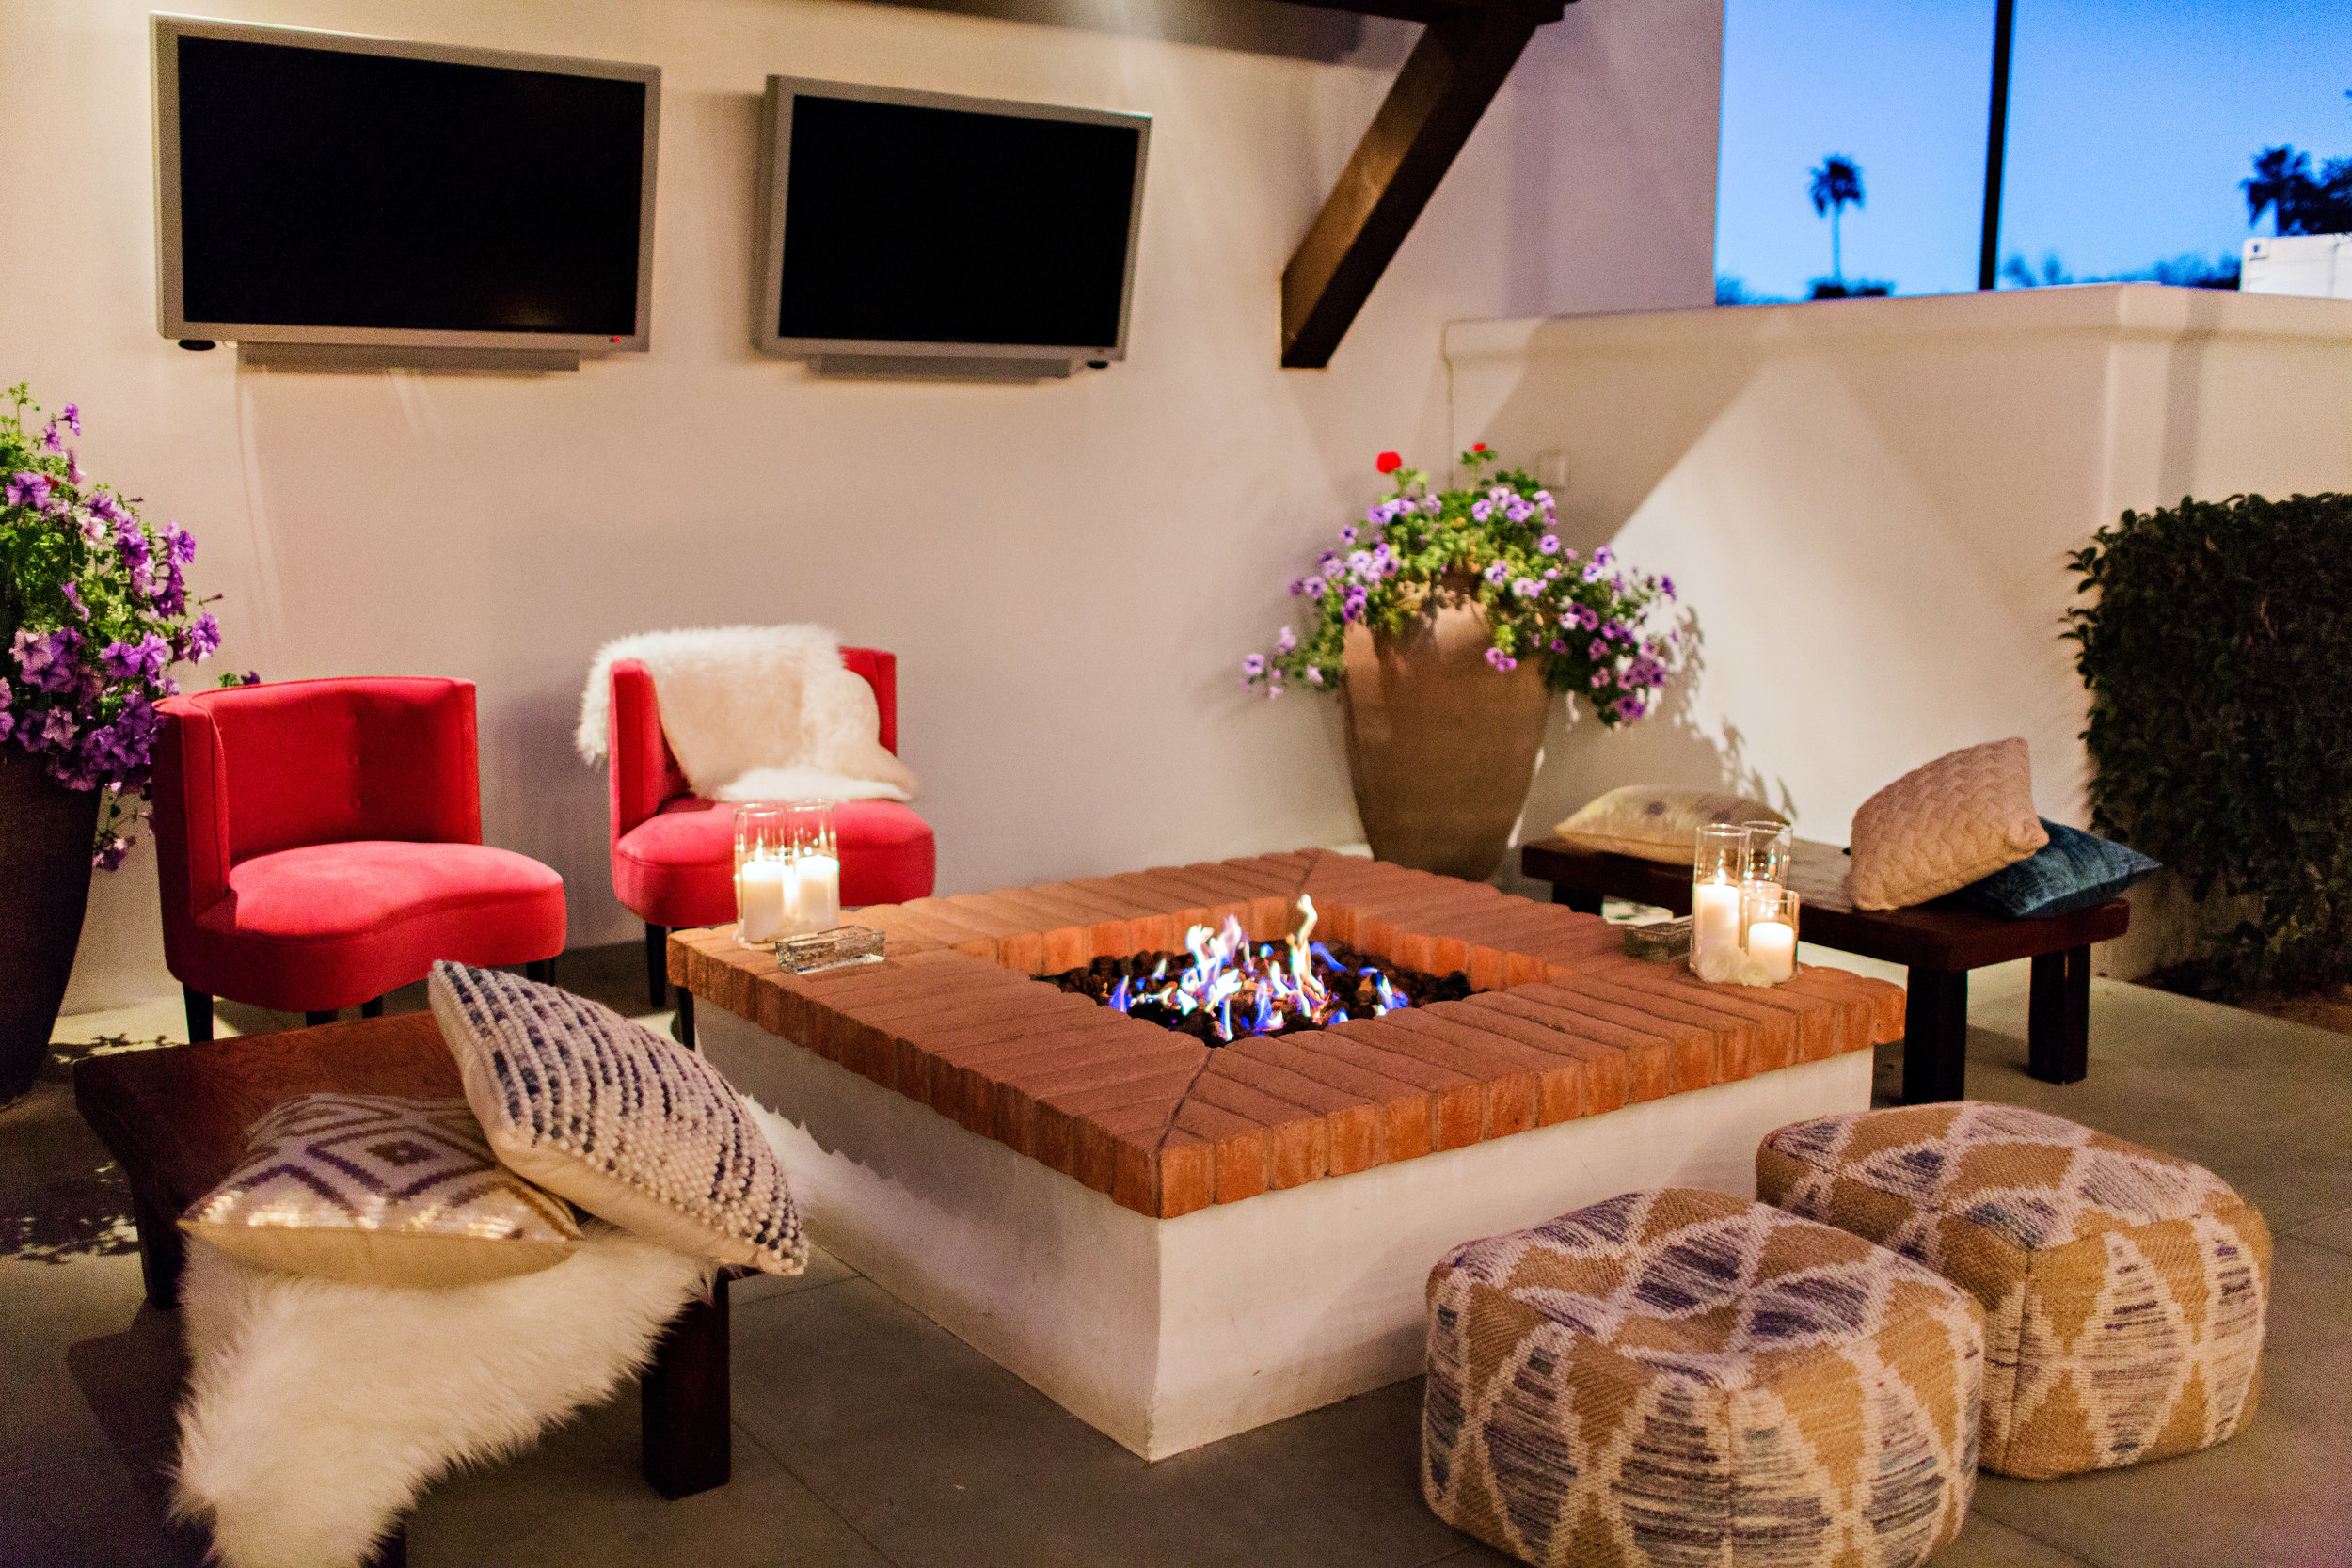 Fiesta Inspired Wedding Reception - El Chorro - Lounge